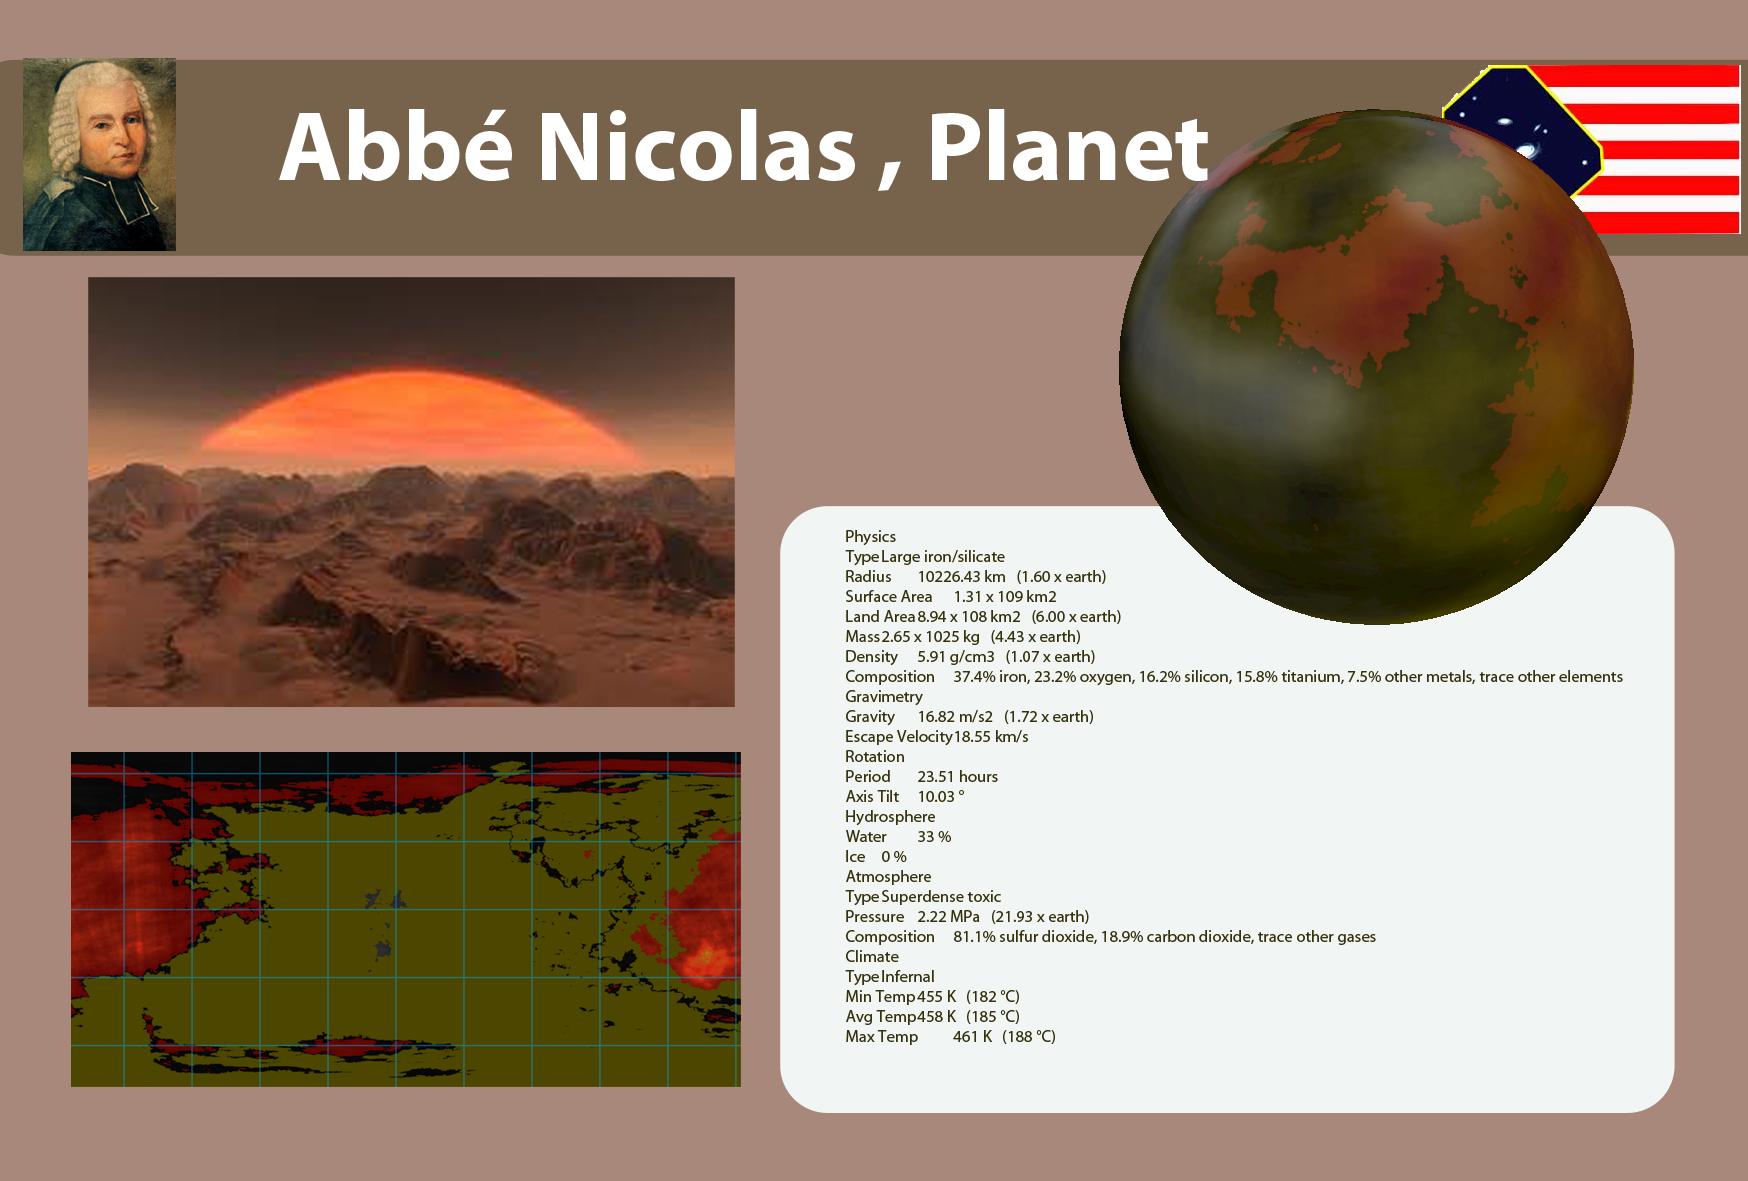 Abbé Nicolas , Planet